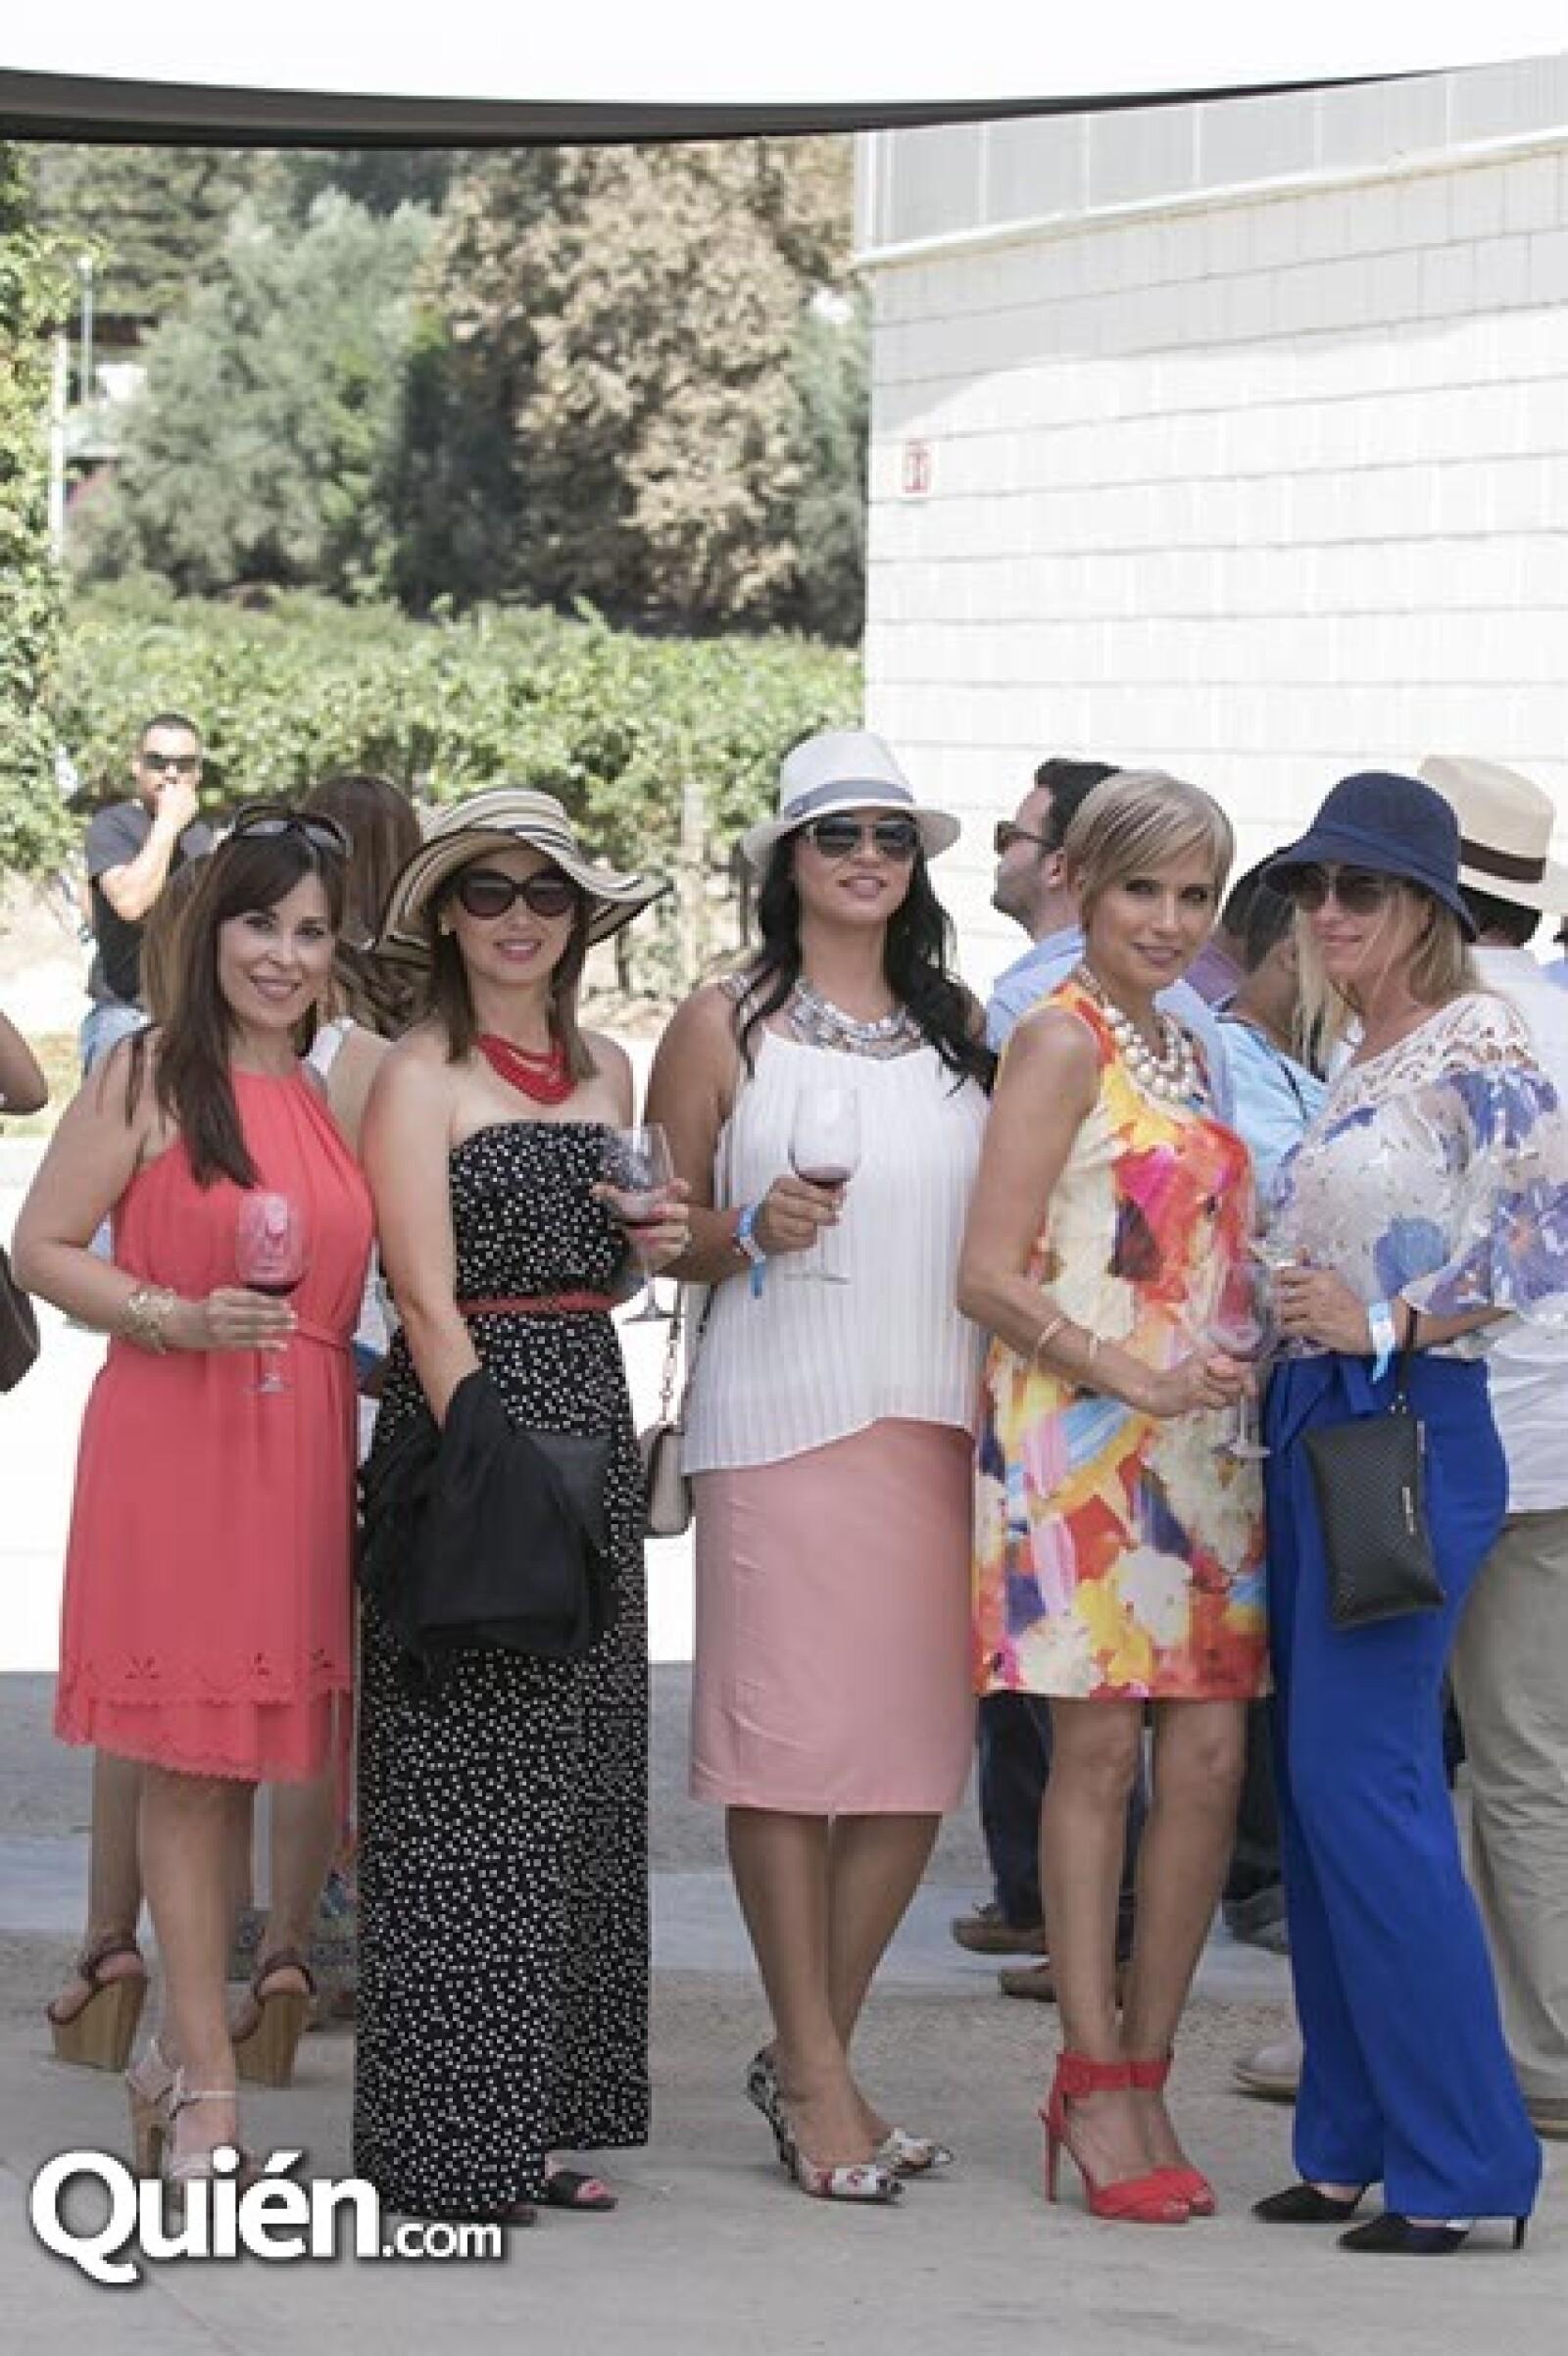 Mirna Carrilo,Darcy Morales,Carla Santana,Laura Moncada y Marcela Cuadra